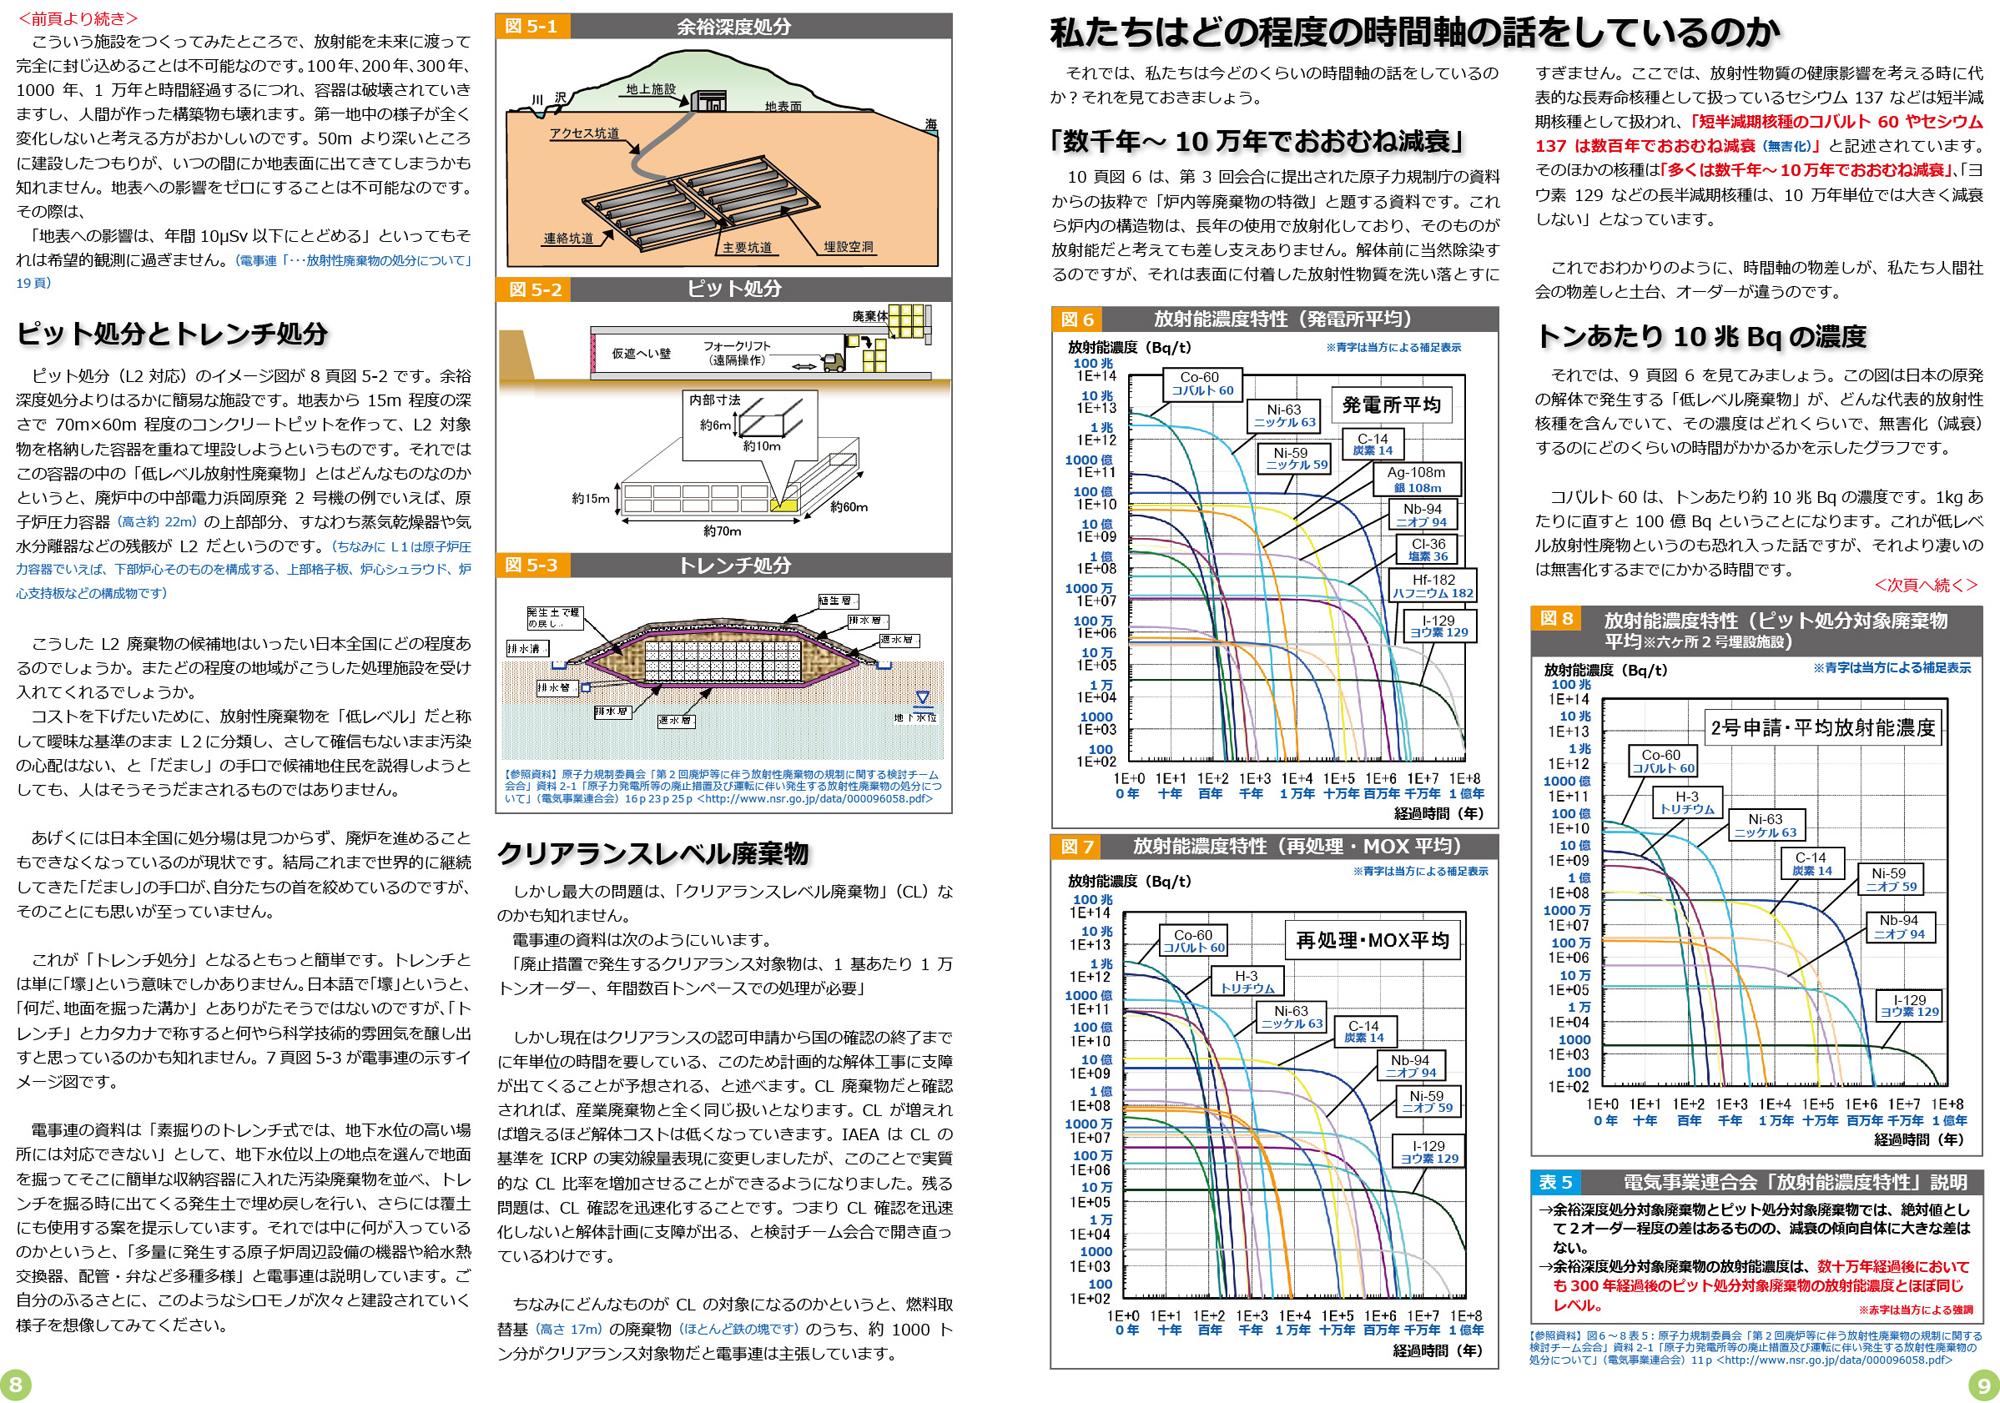 ファイル 423-5.jpg